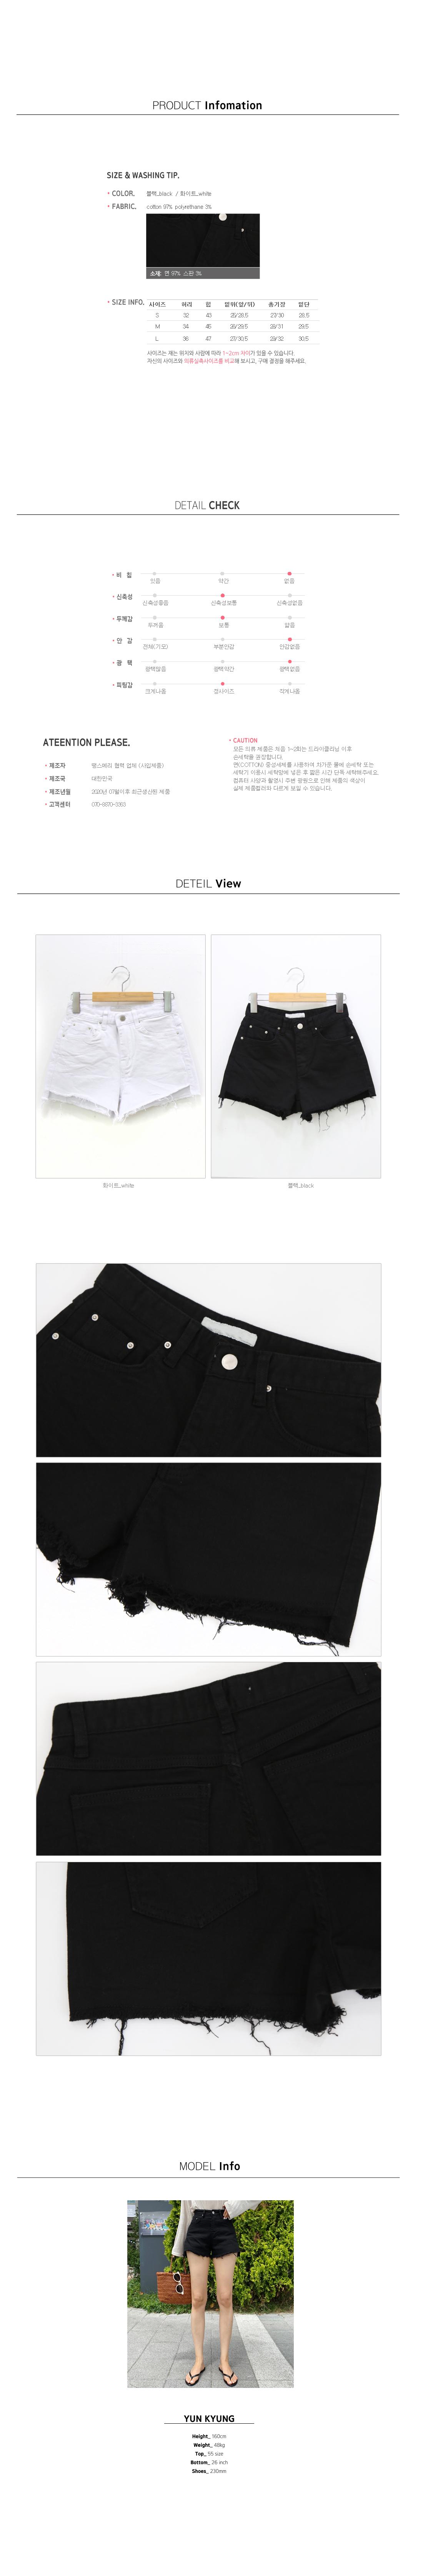 Pitch uncut cut cotton hot pants